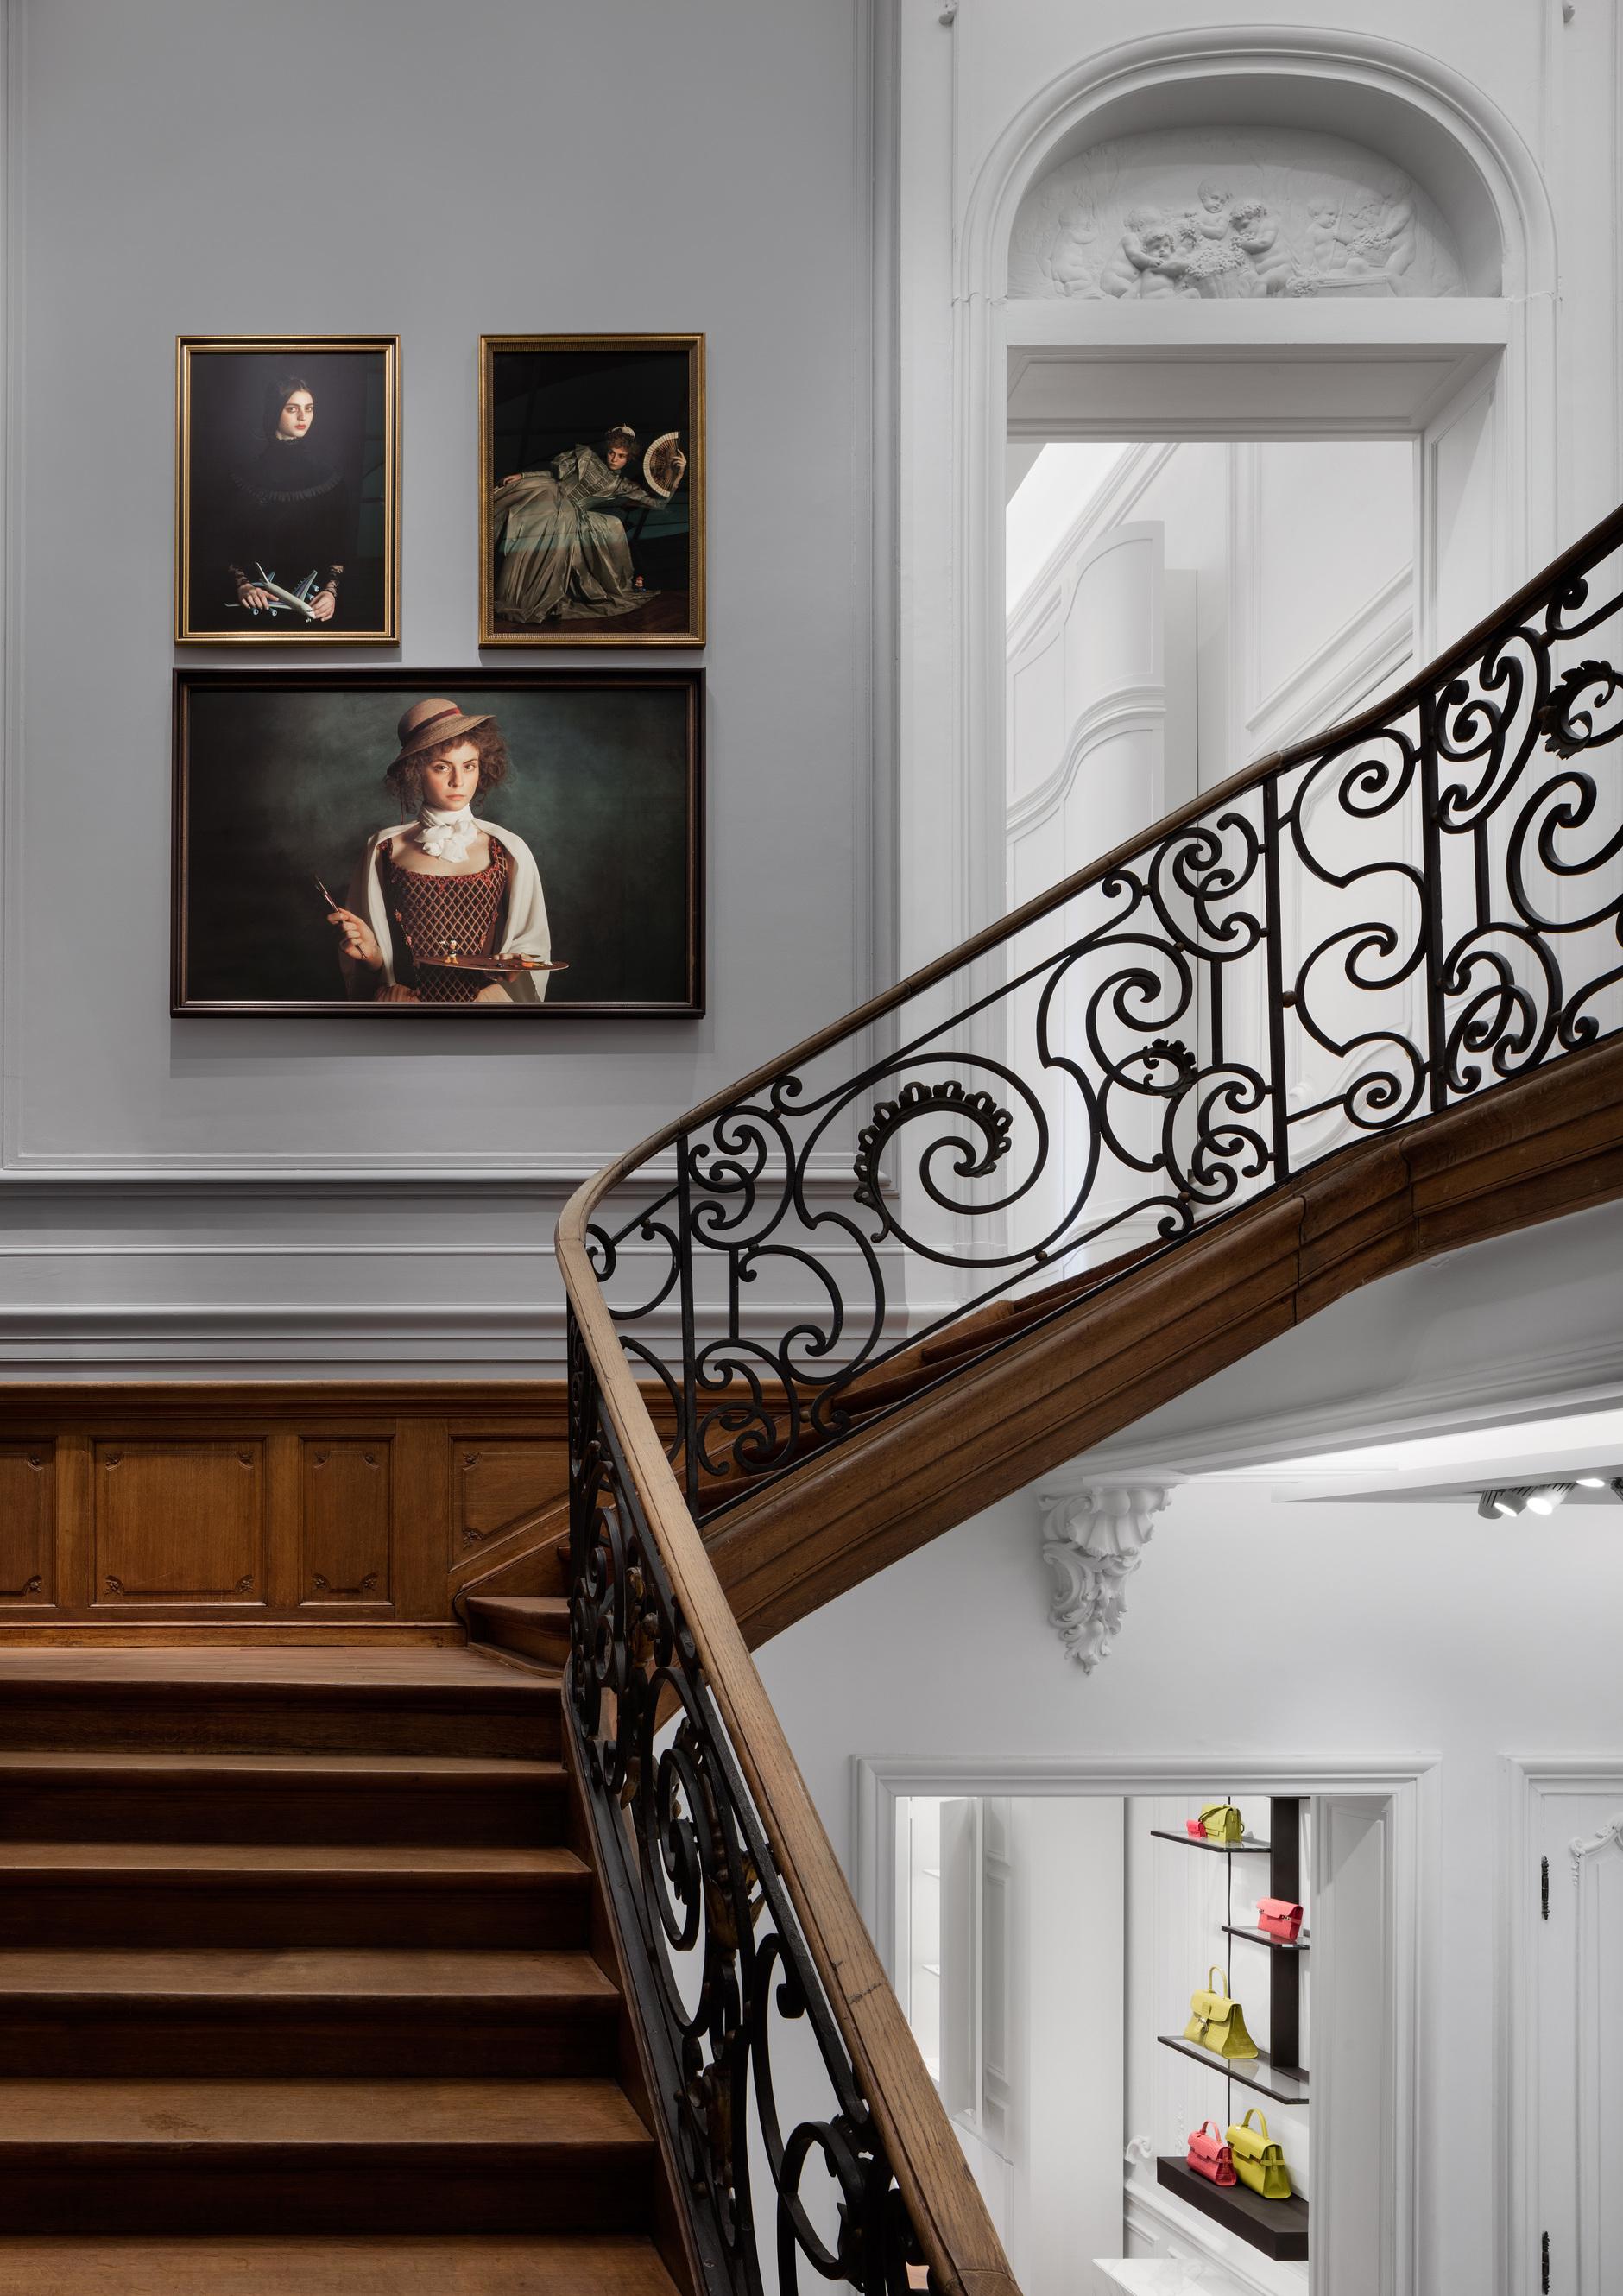 Бутик Delvaux в Брюсселе: современный дизайн в историческом здании (галерея 2, фото 0)